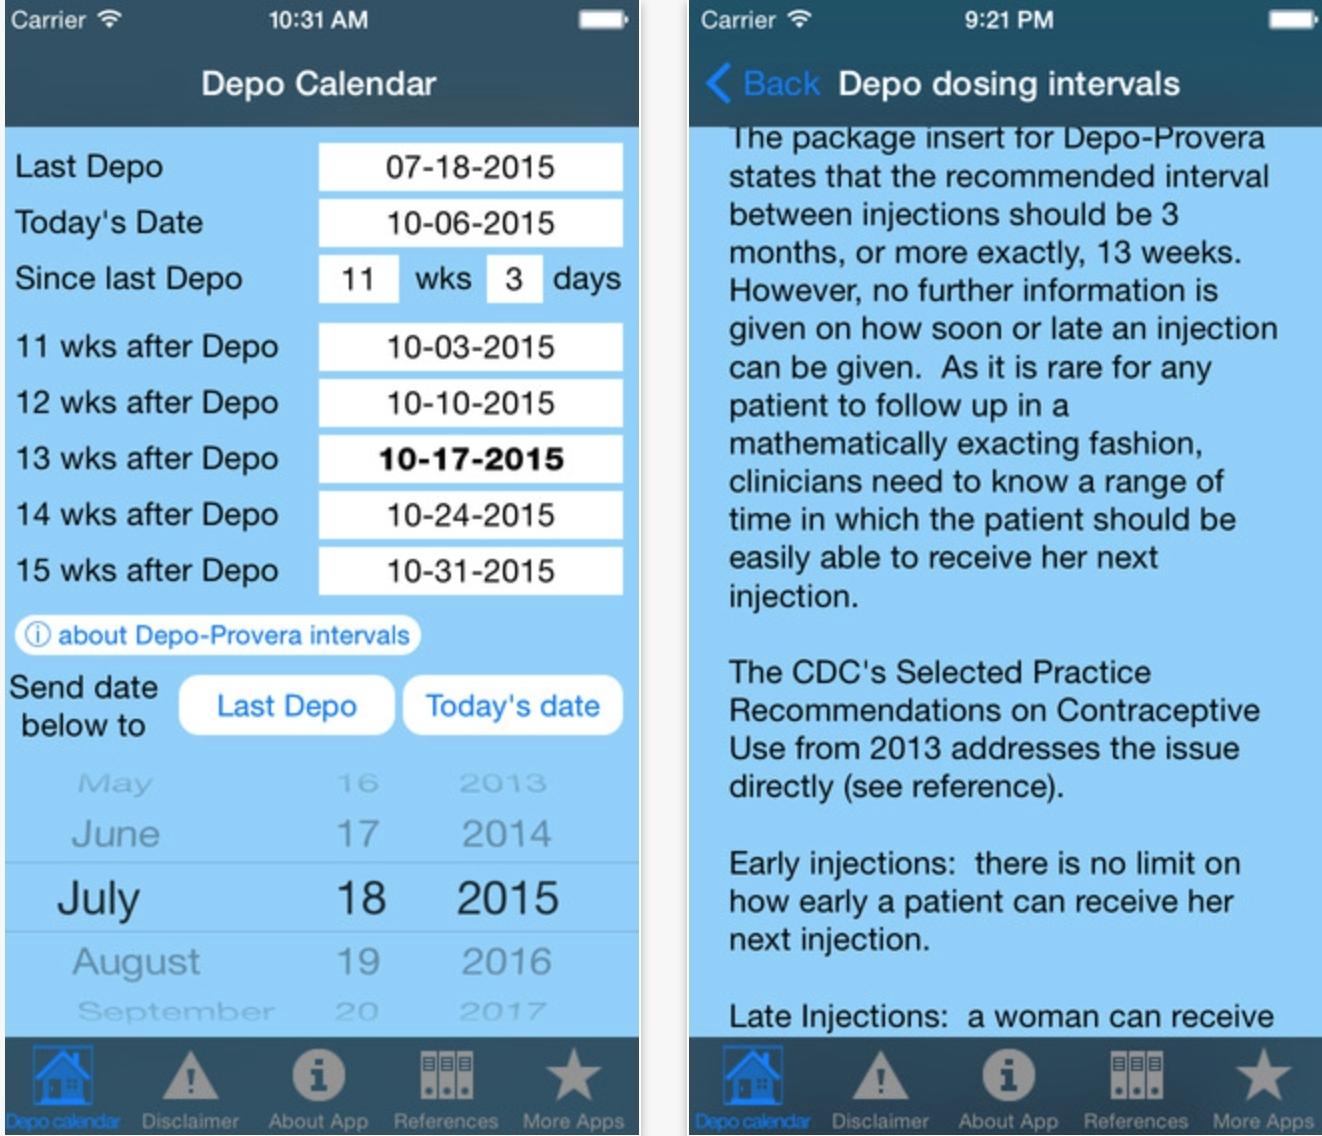 1 Year Depo-Provera Dosing Calendar - Calendar Inspiration  Depo Calendar 2020 Printable